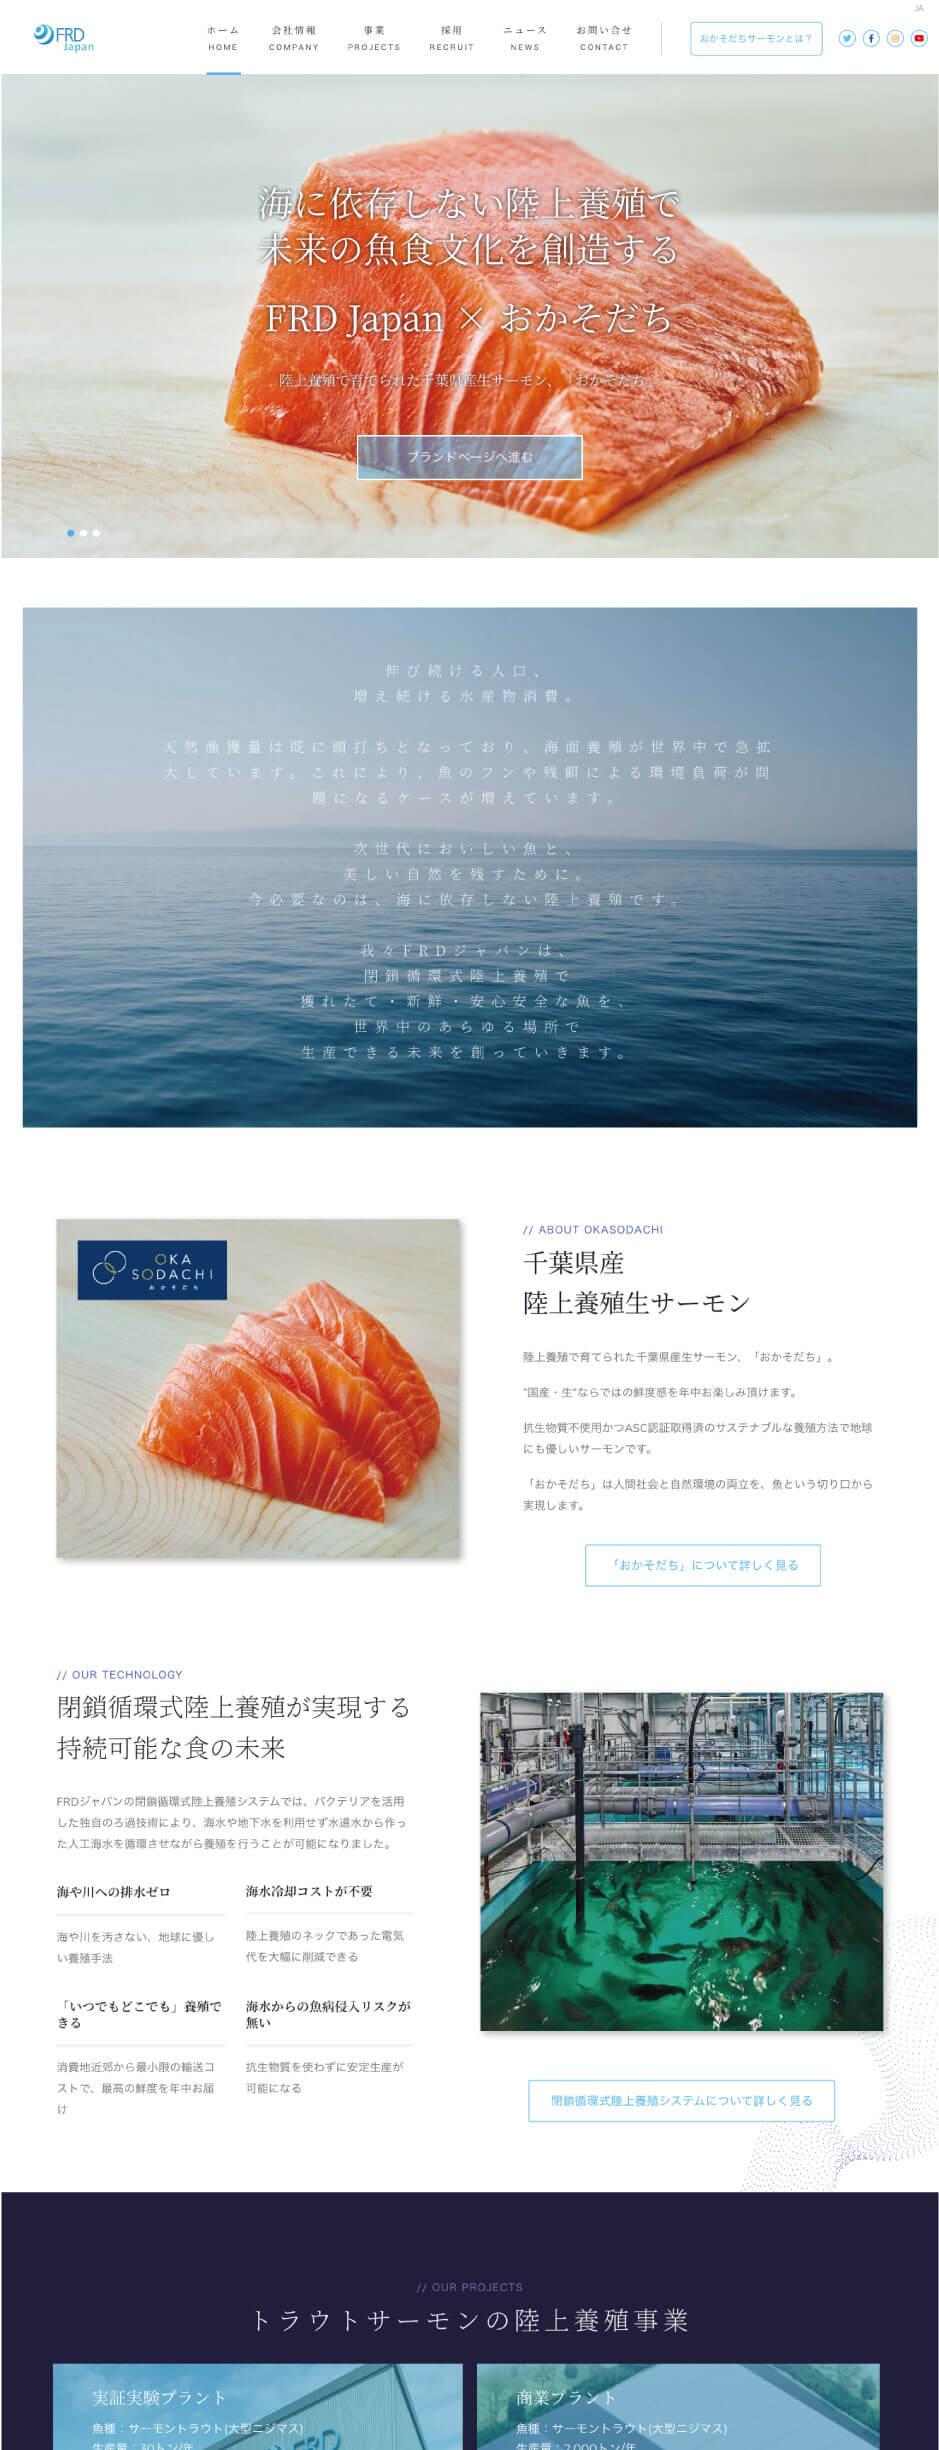 FRDジャパン様ウェブサイト、PC版